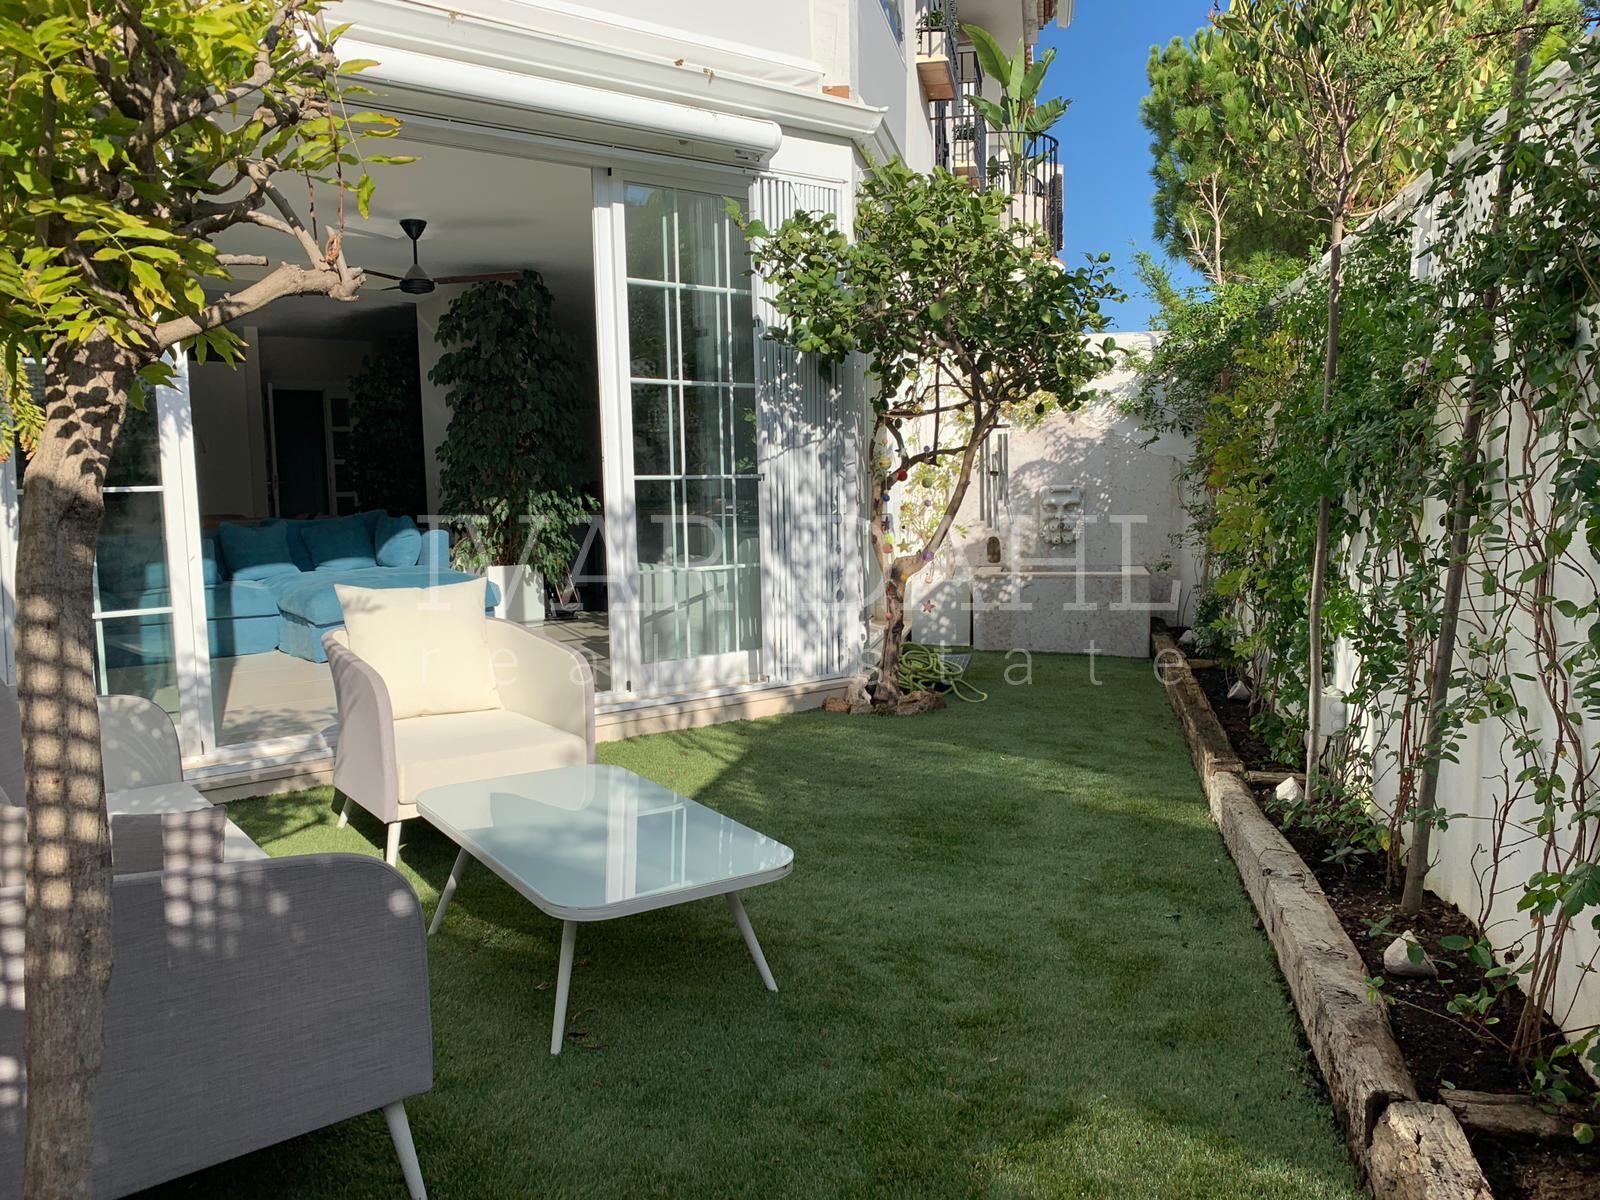 Eck reihenhaus an der goldenen meile von marbella wohngegend nag eles - Gartengestaltung doppelhaushalfte bilder ...